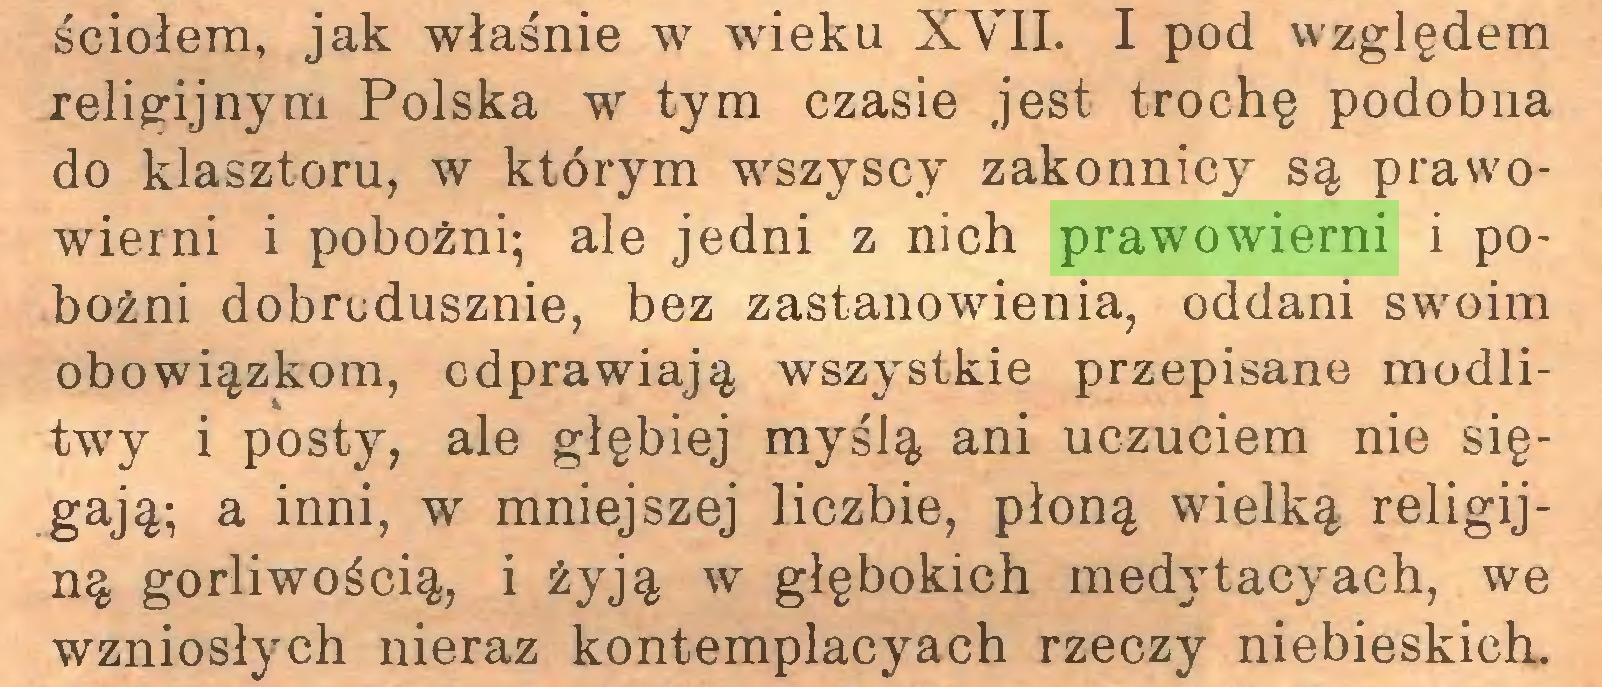 (...) ściołem, jak właśnie w wieku XVII. I pod względem religijnym Polska w tym czasie jest trochę podobna do klasztoru, w którym wszyscy zakonnicy są prawowierni i pobożni; ale jedni z nich prawowierni i pobożni dobrodusznie, bez zastanowienia, oddani swoim obowiązkom, odprawiają wszystkie przepisane modlitwy i posty, ale głębiej myślą ani uczuciem nie sięgają; a inni, w mniejszej liczbie, płoną wielką religijną gorliwością, i żyją w głębokich medytacyach, we wzniosłych nieraz kontemplacyach rzeczy niebieskich...